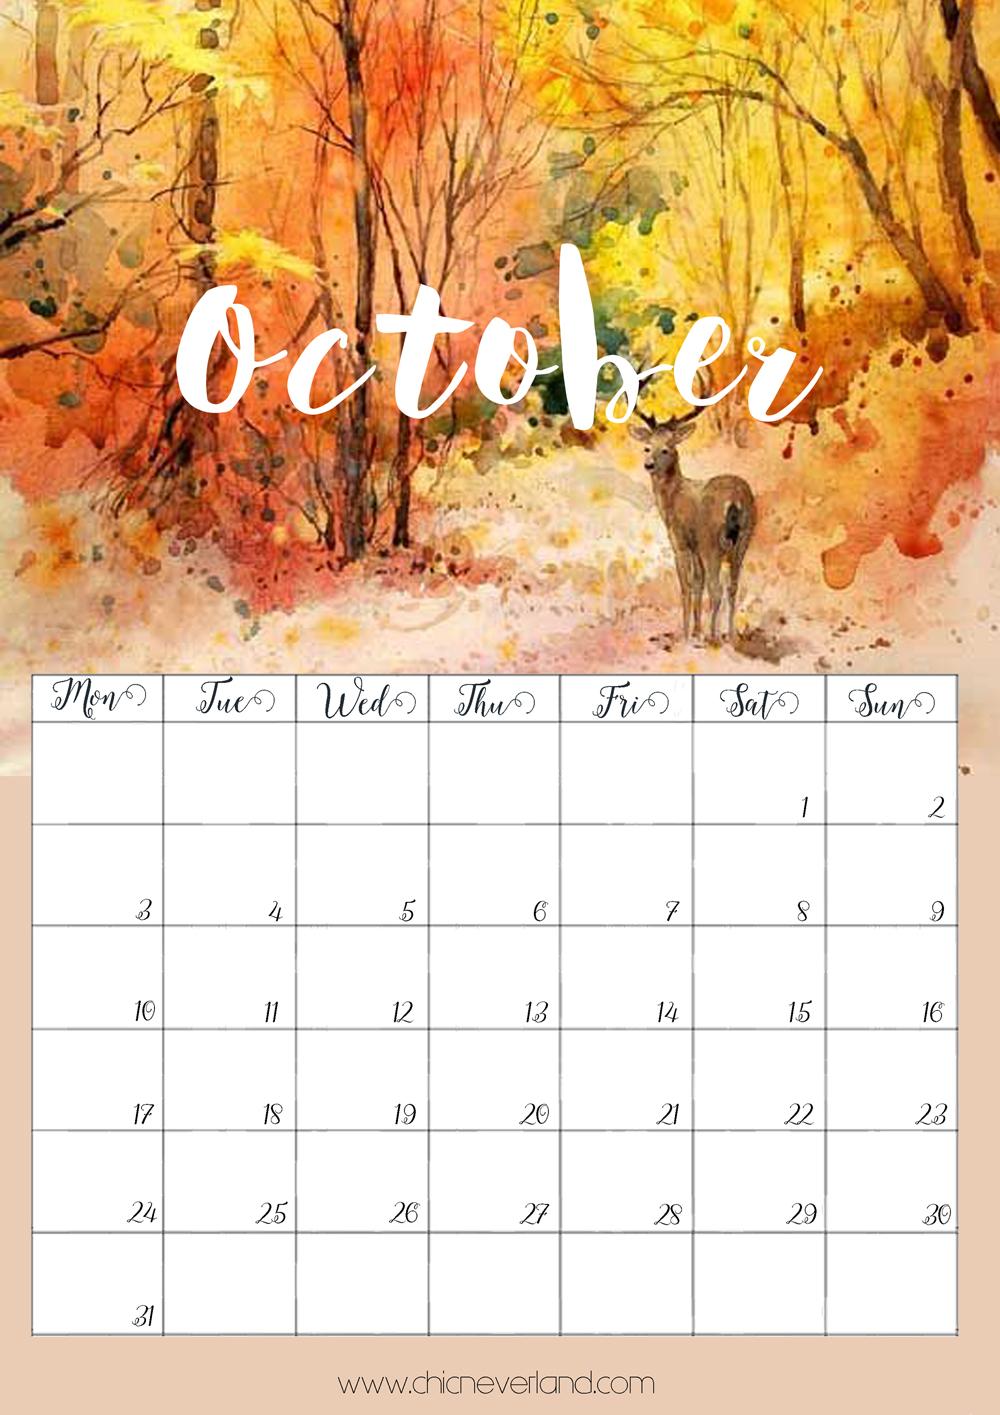 calendario ottobre 2016